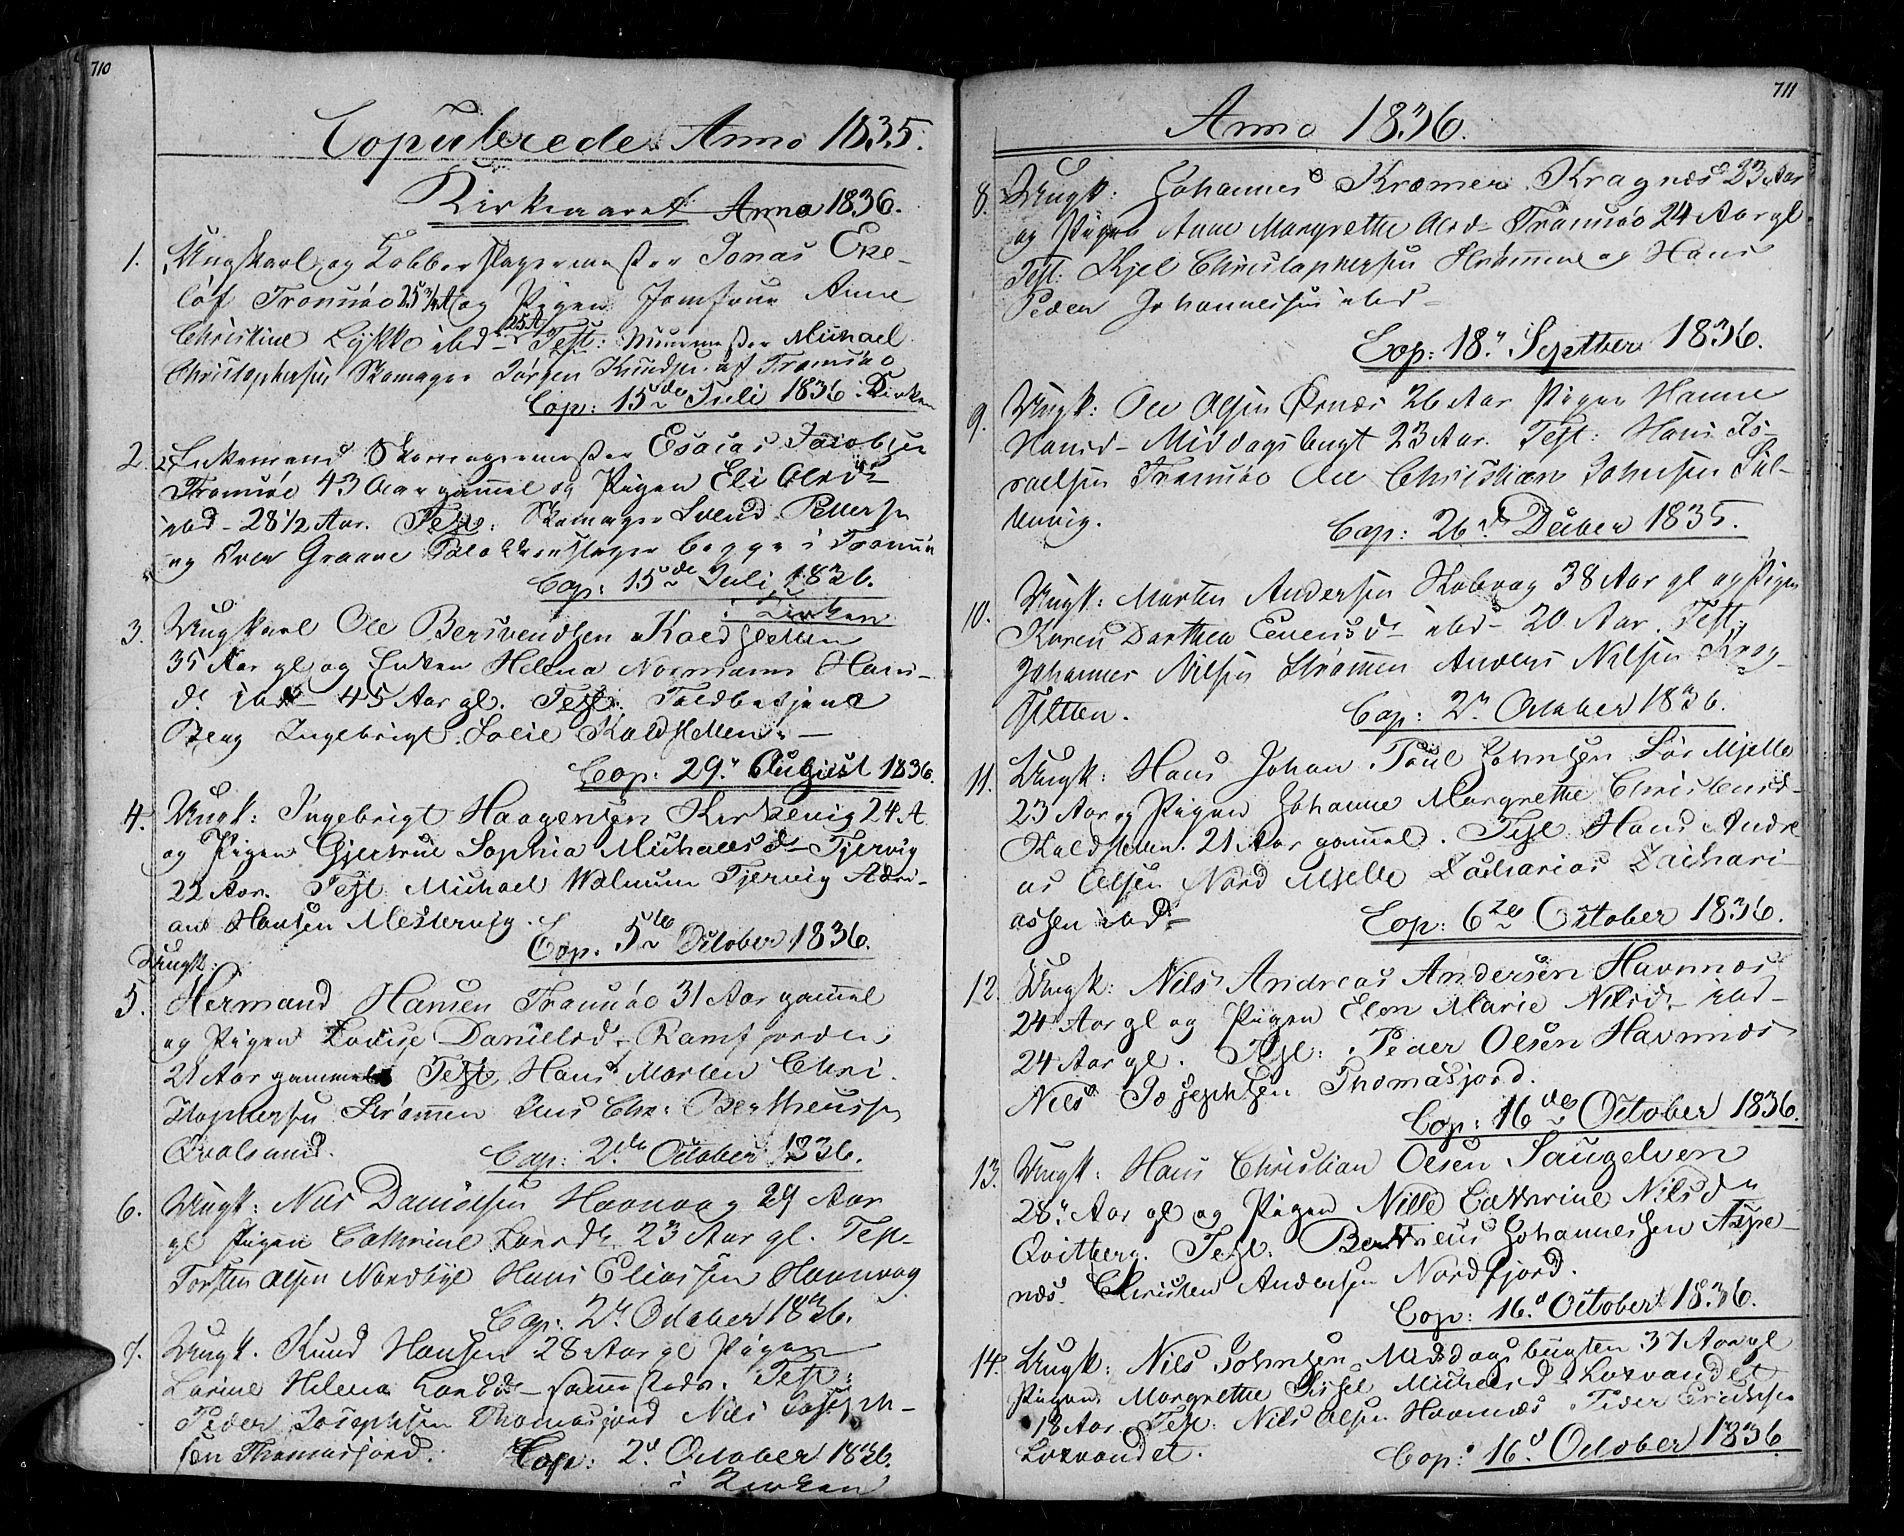 SATØ, Tromsø sokneprestkontor/stiftsprosti/domprosti, G/Ga/L0008kirke: Ministerialbok nr. 8, 1829-1837, s. 710-711